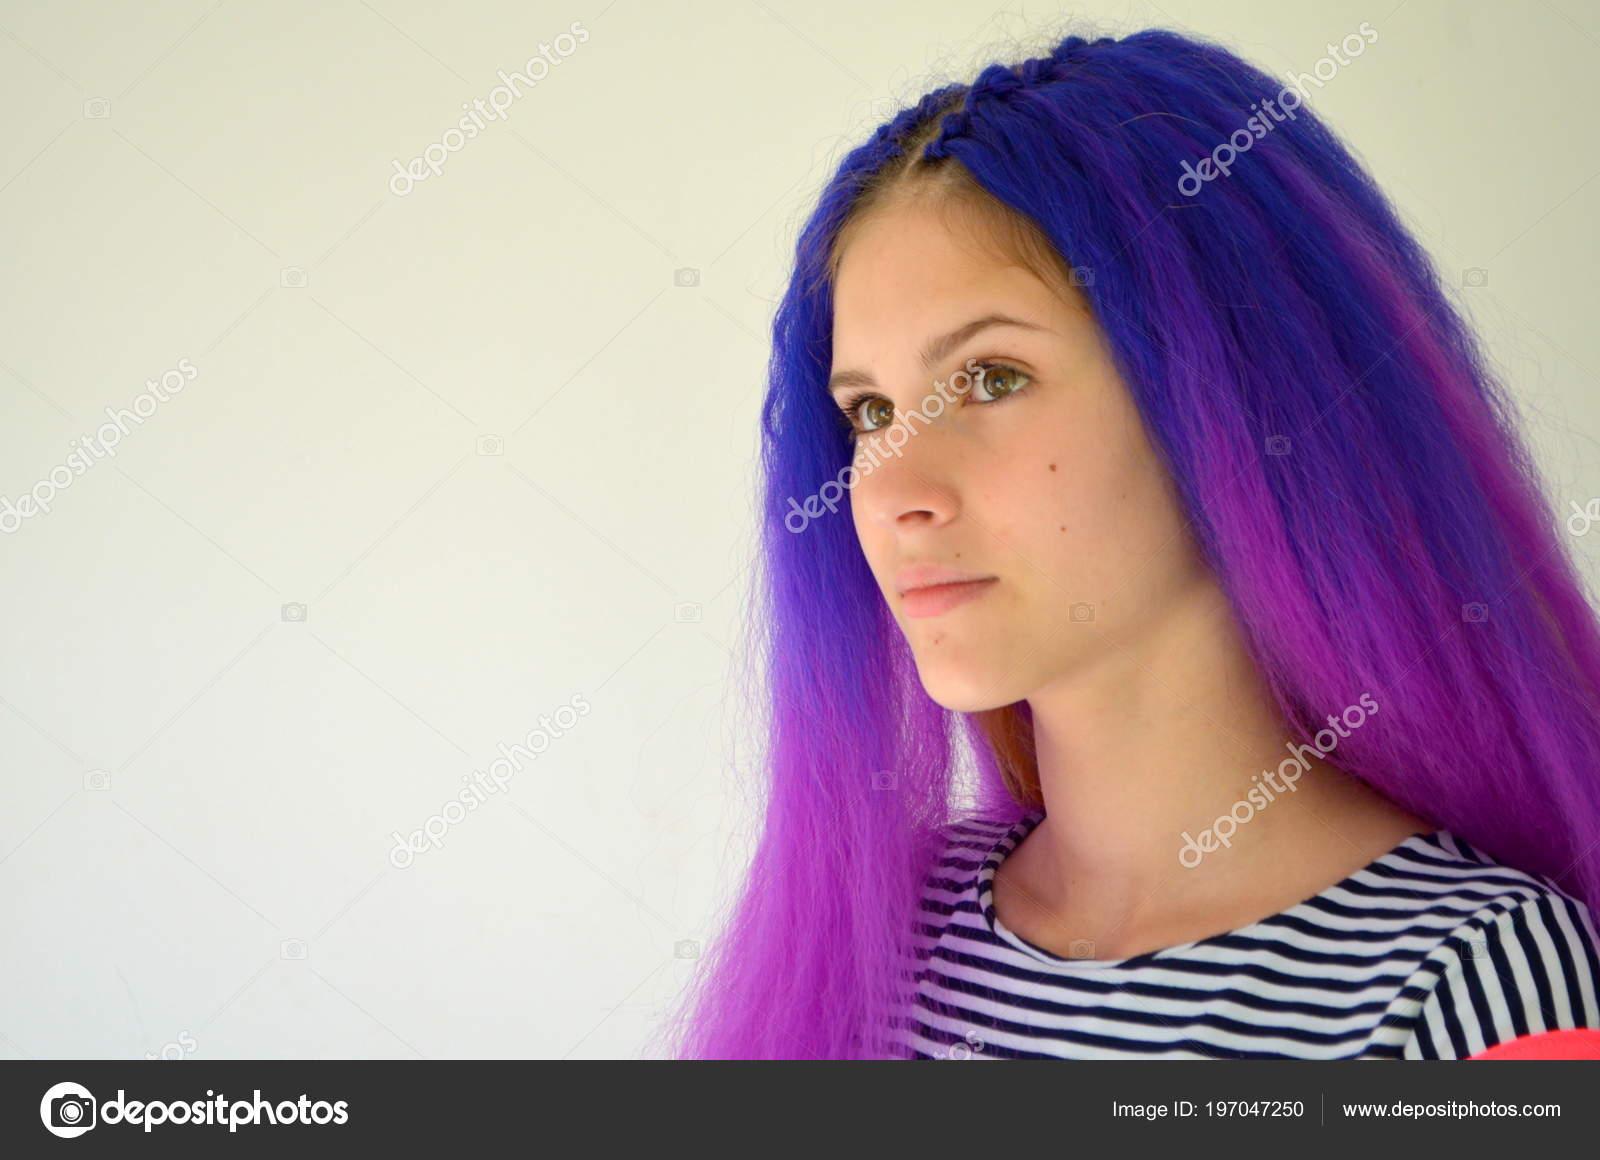 Helle Stilvolle Bild Mädchen Mit Blauen Lila Haaren Technik Der